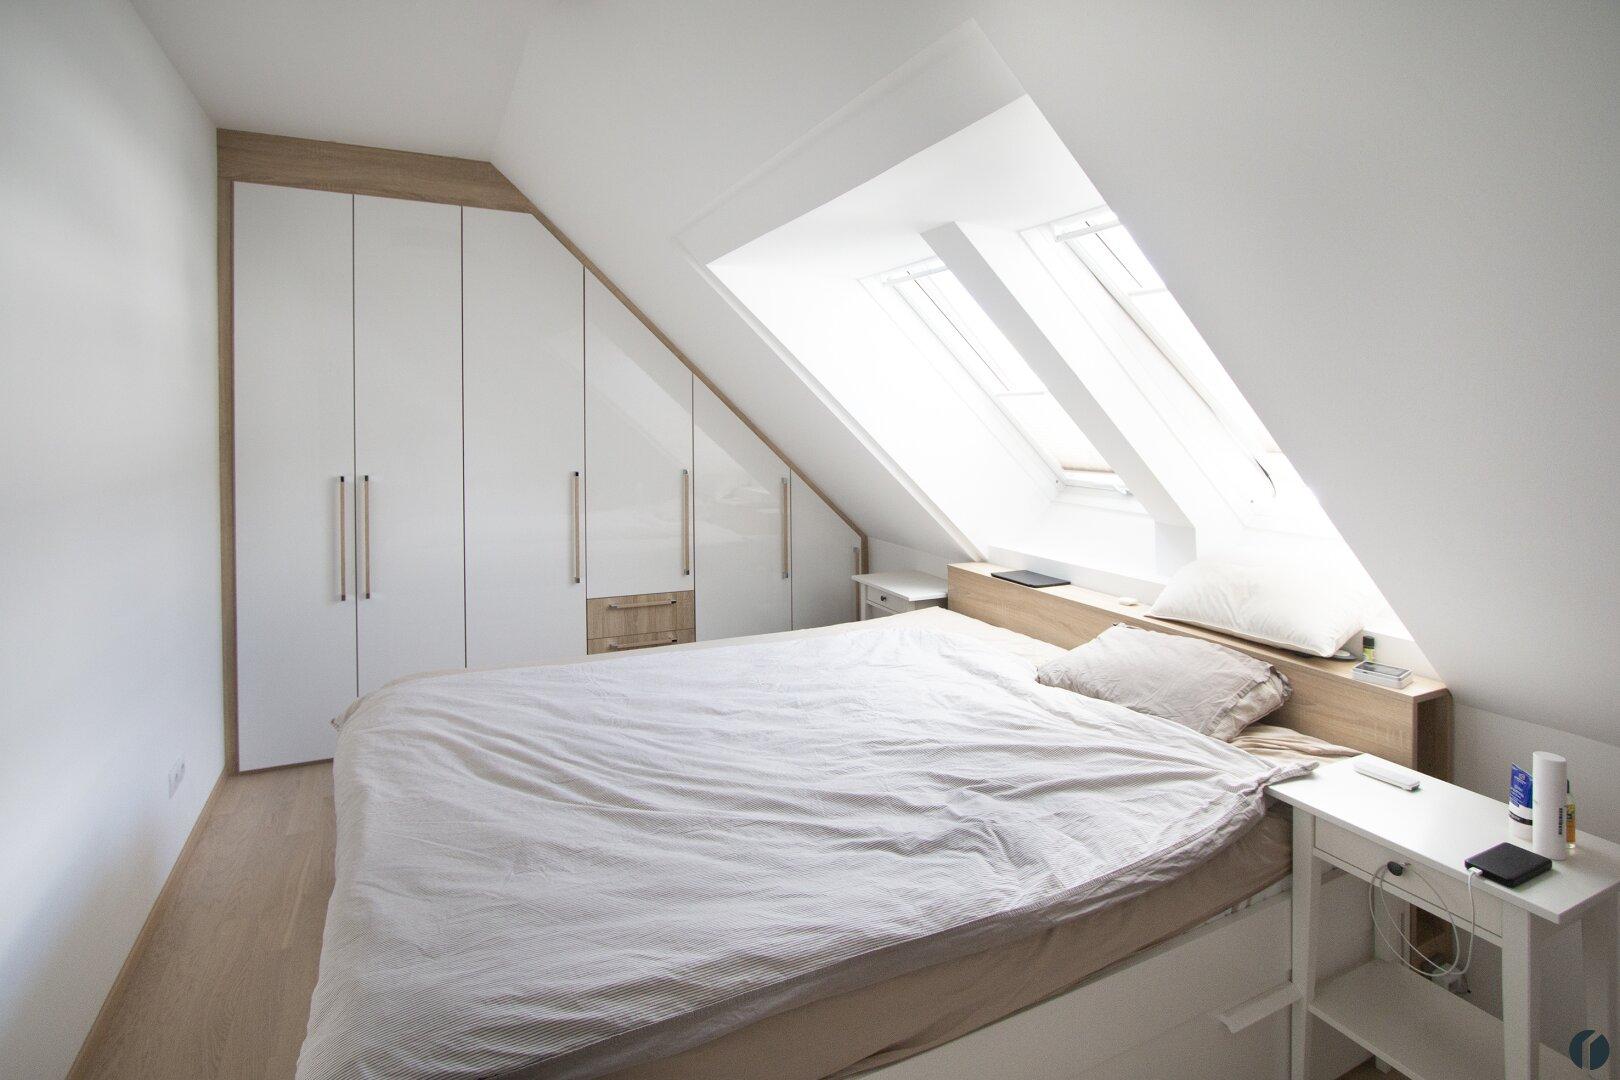 Schlafzimmer inkl. Einbauschrank und Bett